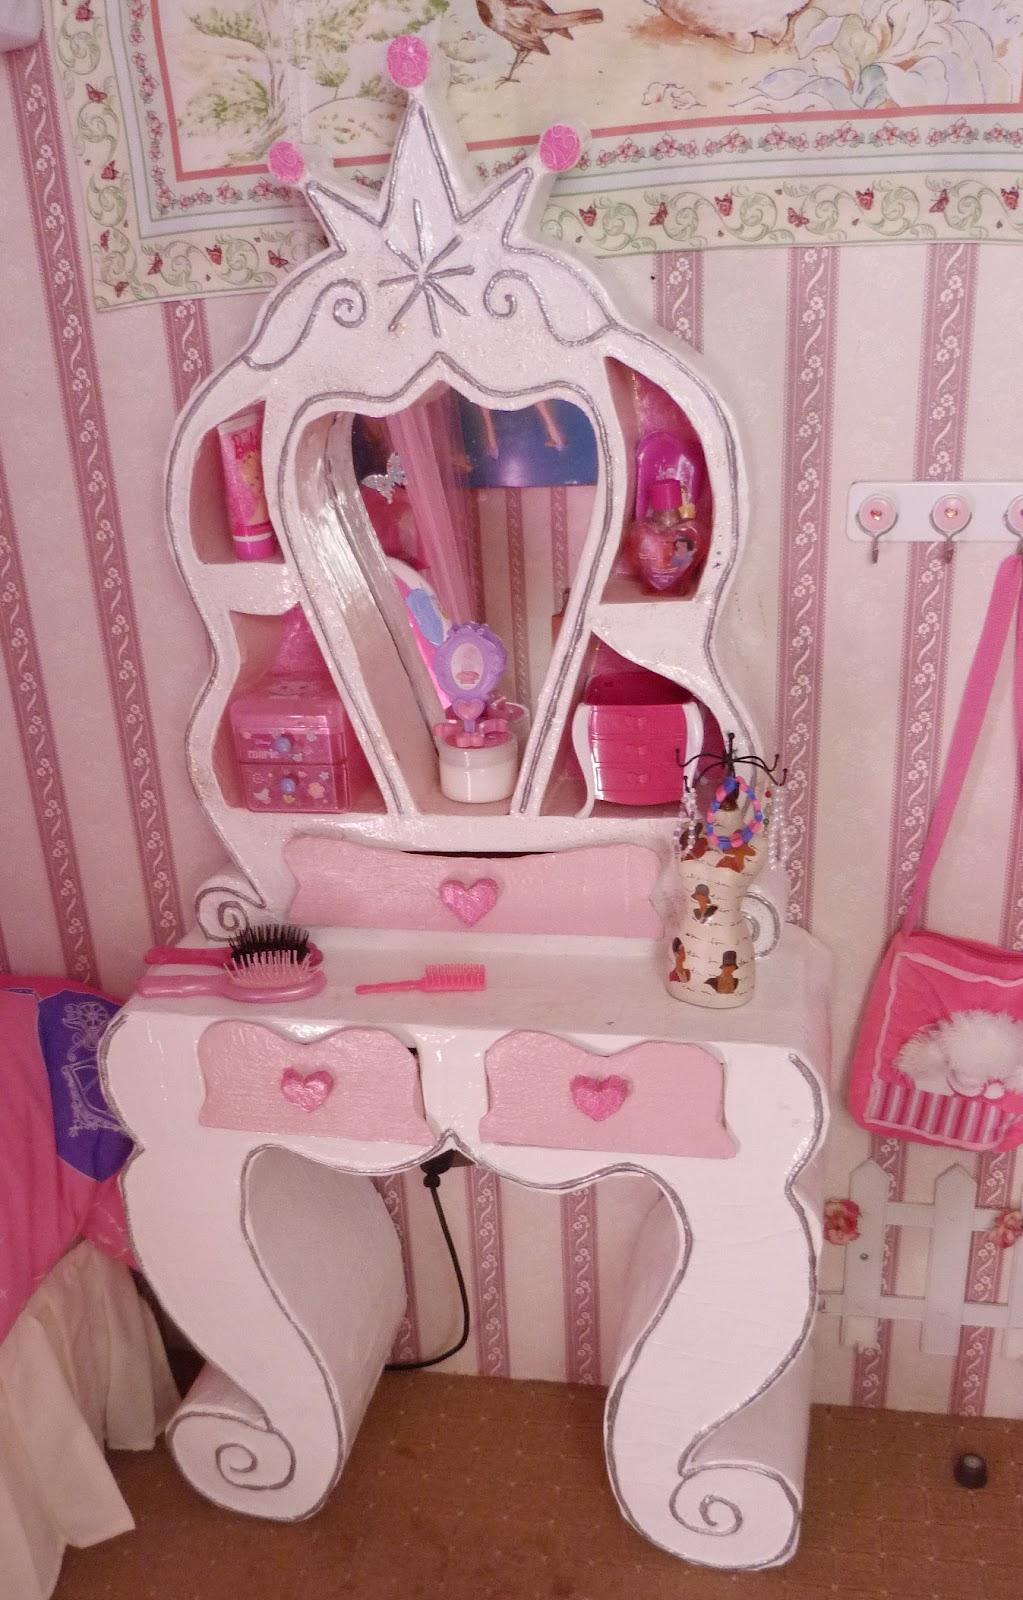 Las creaciones de do a castora muebles de cart n tocador - Muebles de princesas ...